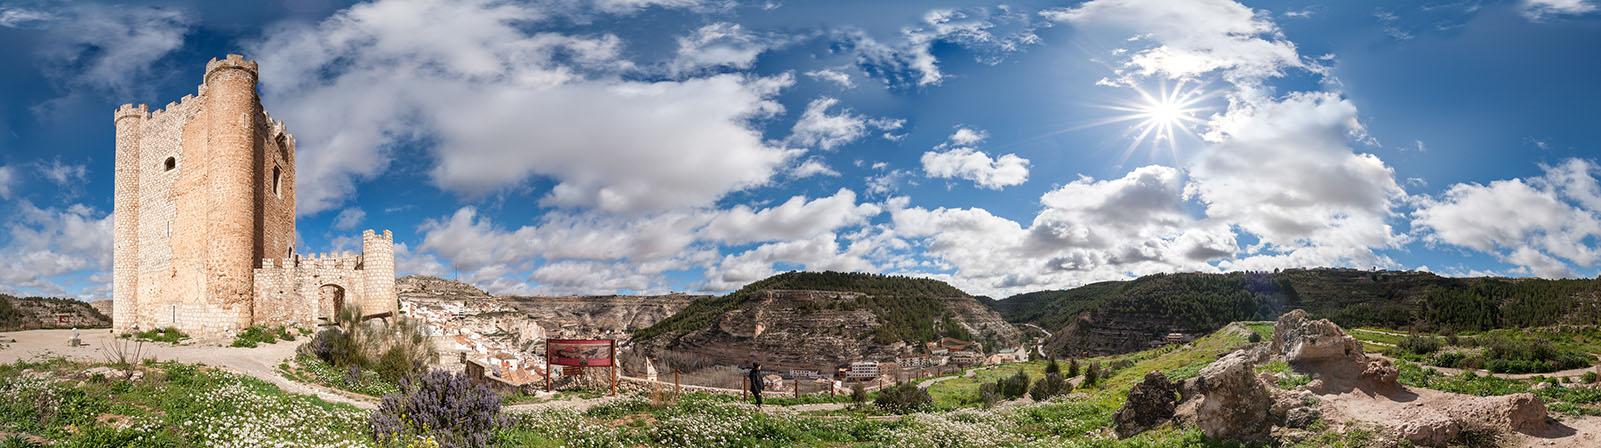 turismo-rural-alcala-del-jucar